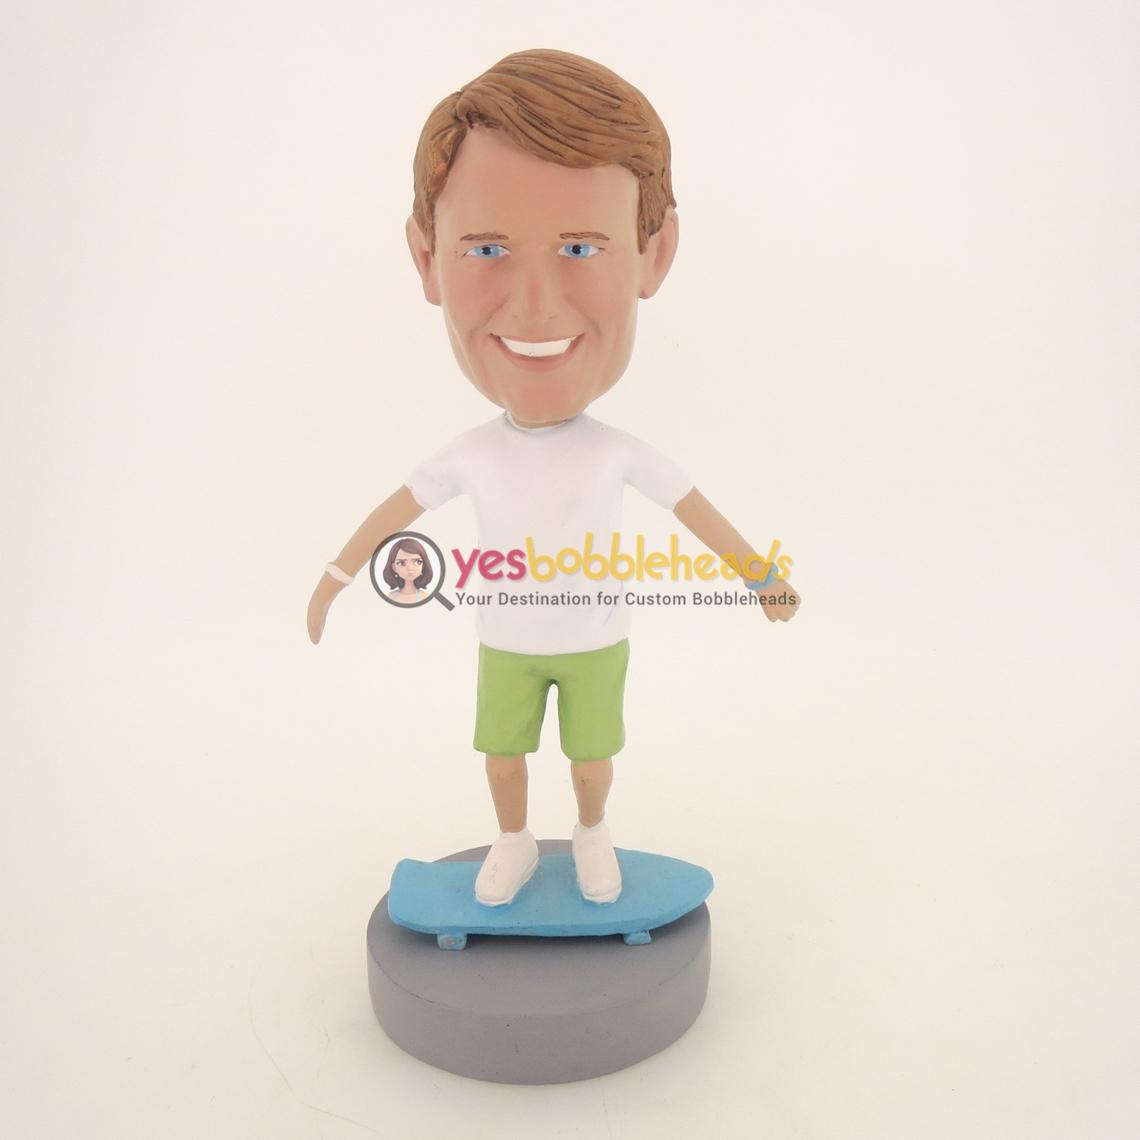 Picture of Custom Bobblehead Doll: Skateboarder Man